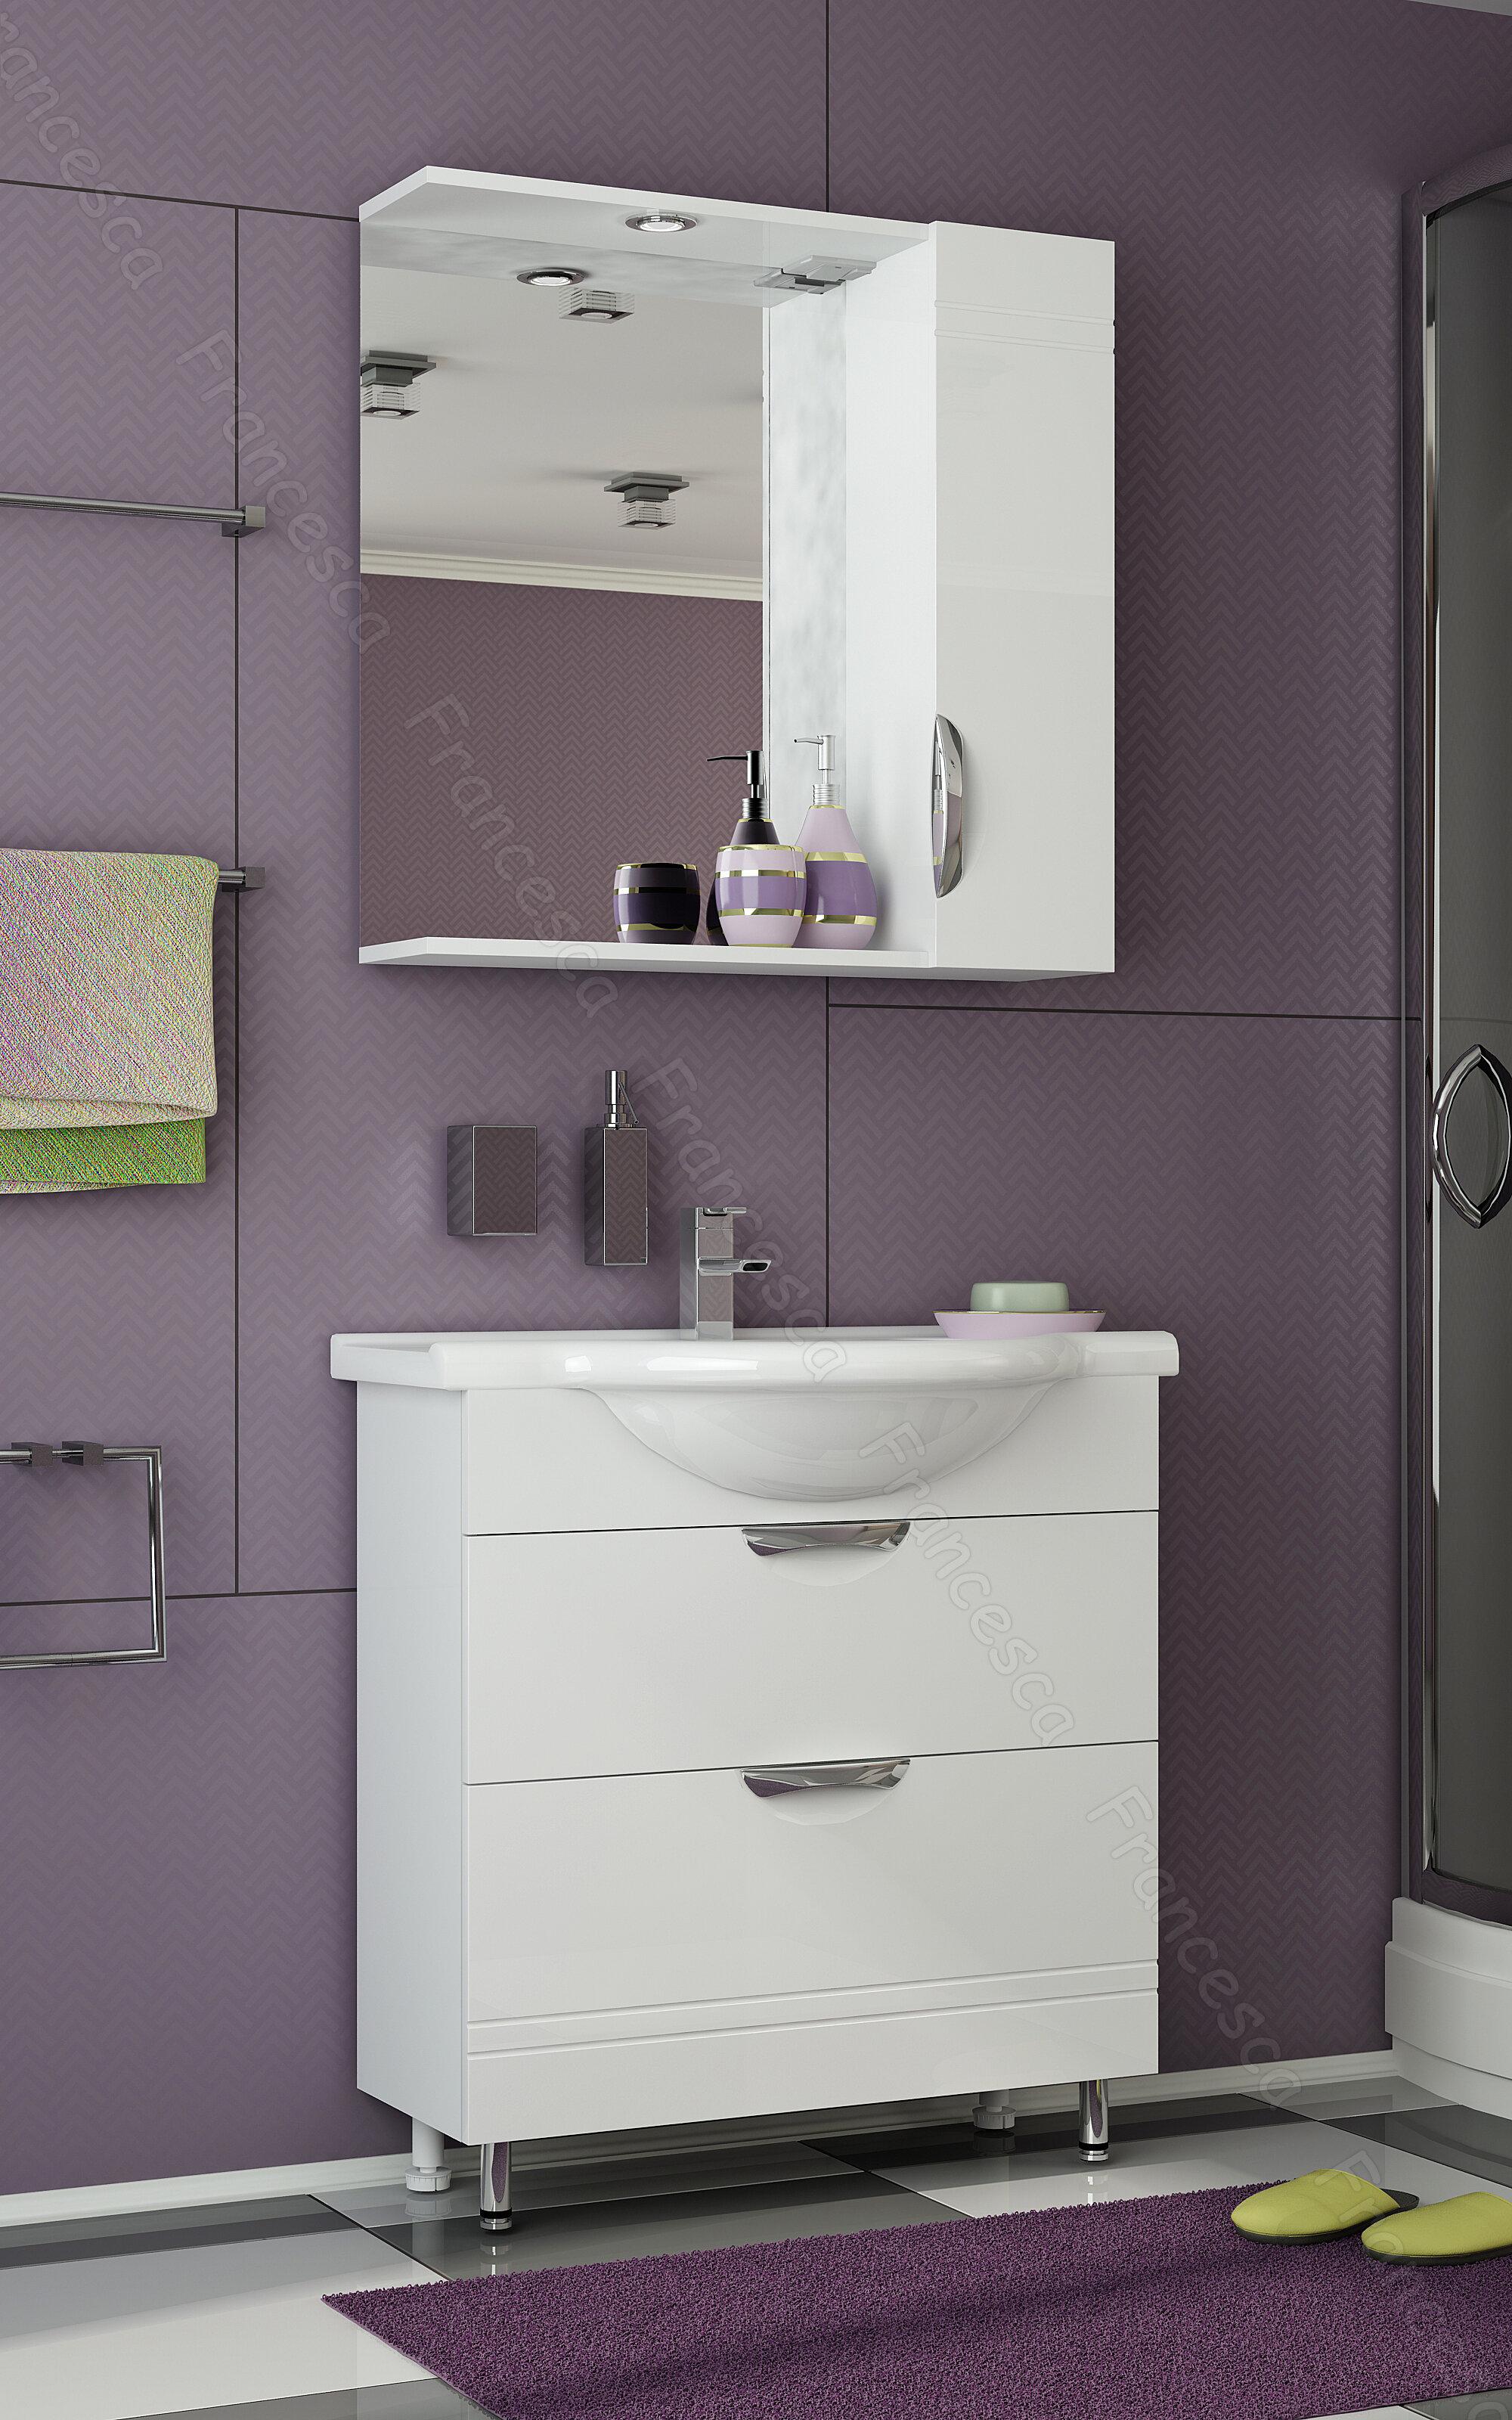 Мебель для ванной Francesca Доминго 75 2 ящика (тумба с раковиной + зеркало)